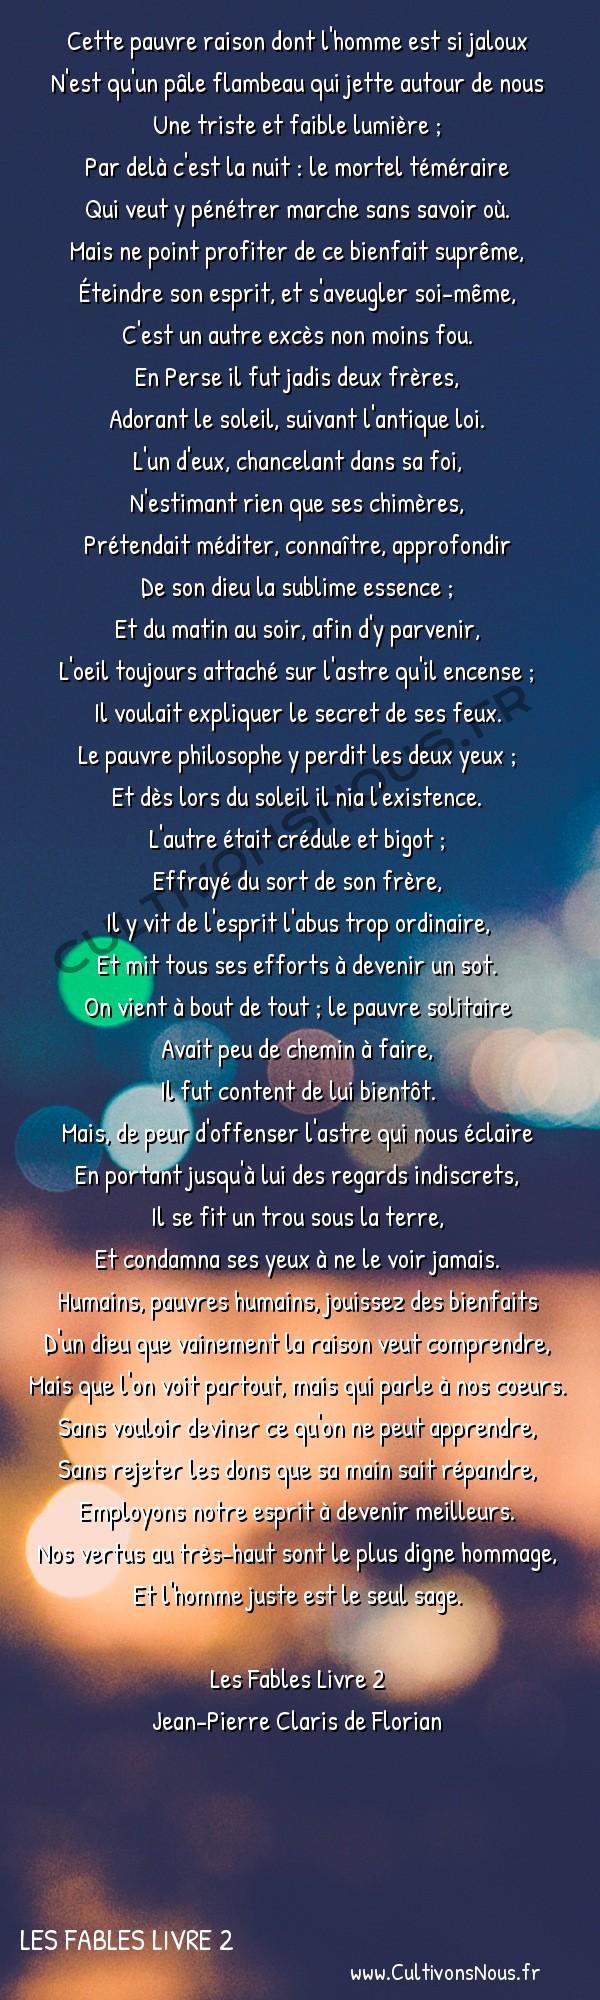 Poésie Jean-Pierre Claris de Florian - Les Fables Livre 2 - Les deux persans -  Cette pauvre raison dont l'homme est si jaloux N'est qu'un pâle flambeau qui jette autour de nous